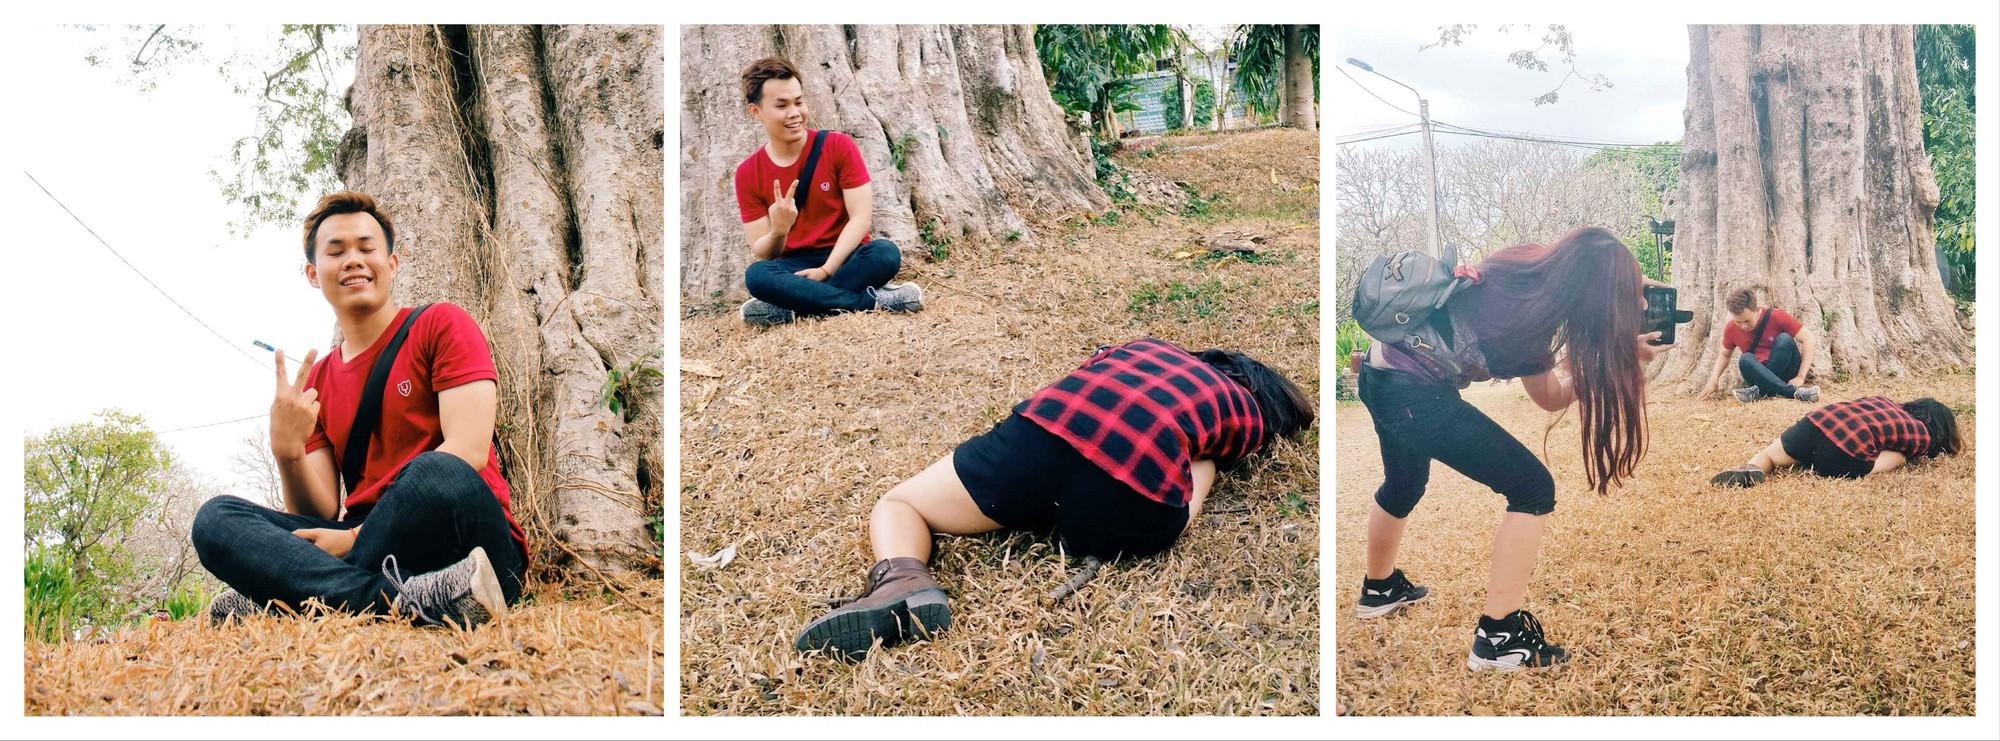 Cuộc chiến sống ảo: Hơn thua là ở việc có hội bạn chụp ảnh có tâm hay không - Ảnh 5.